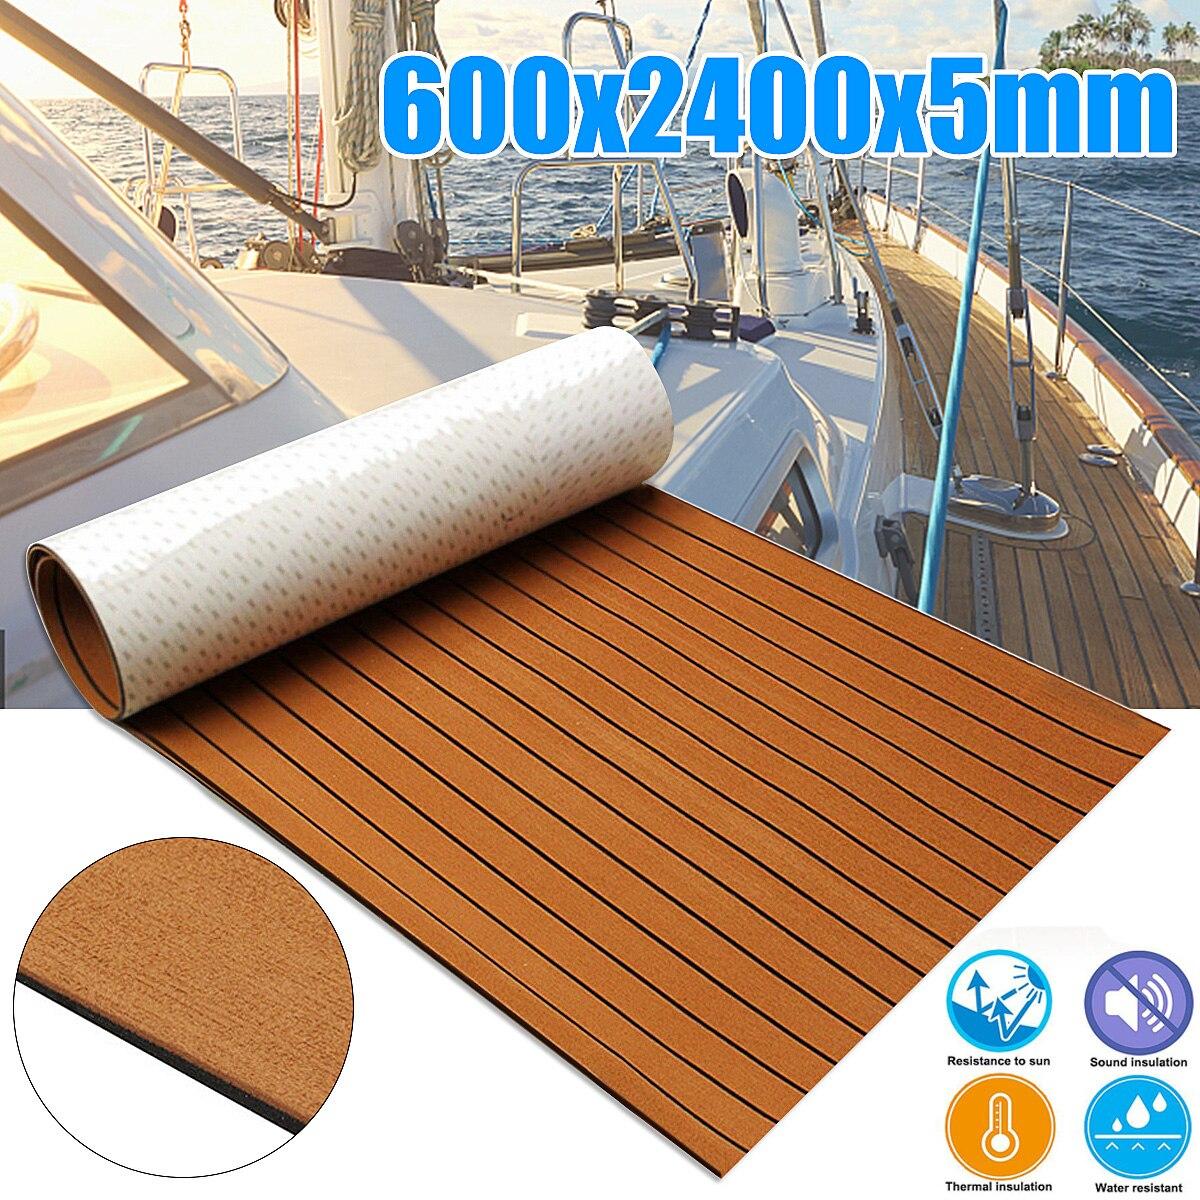 Auto-Adesivo 600x2400x5 milímetros Espuma Decks de Teca Acessórios Folha de Espuma EVA Piso Marinho Faux Decks Barco Marinha Marrom Preto